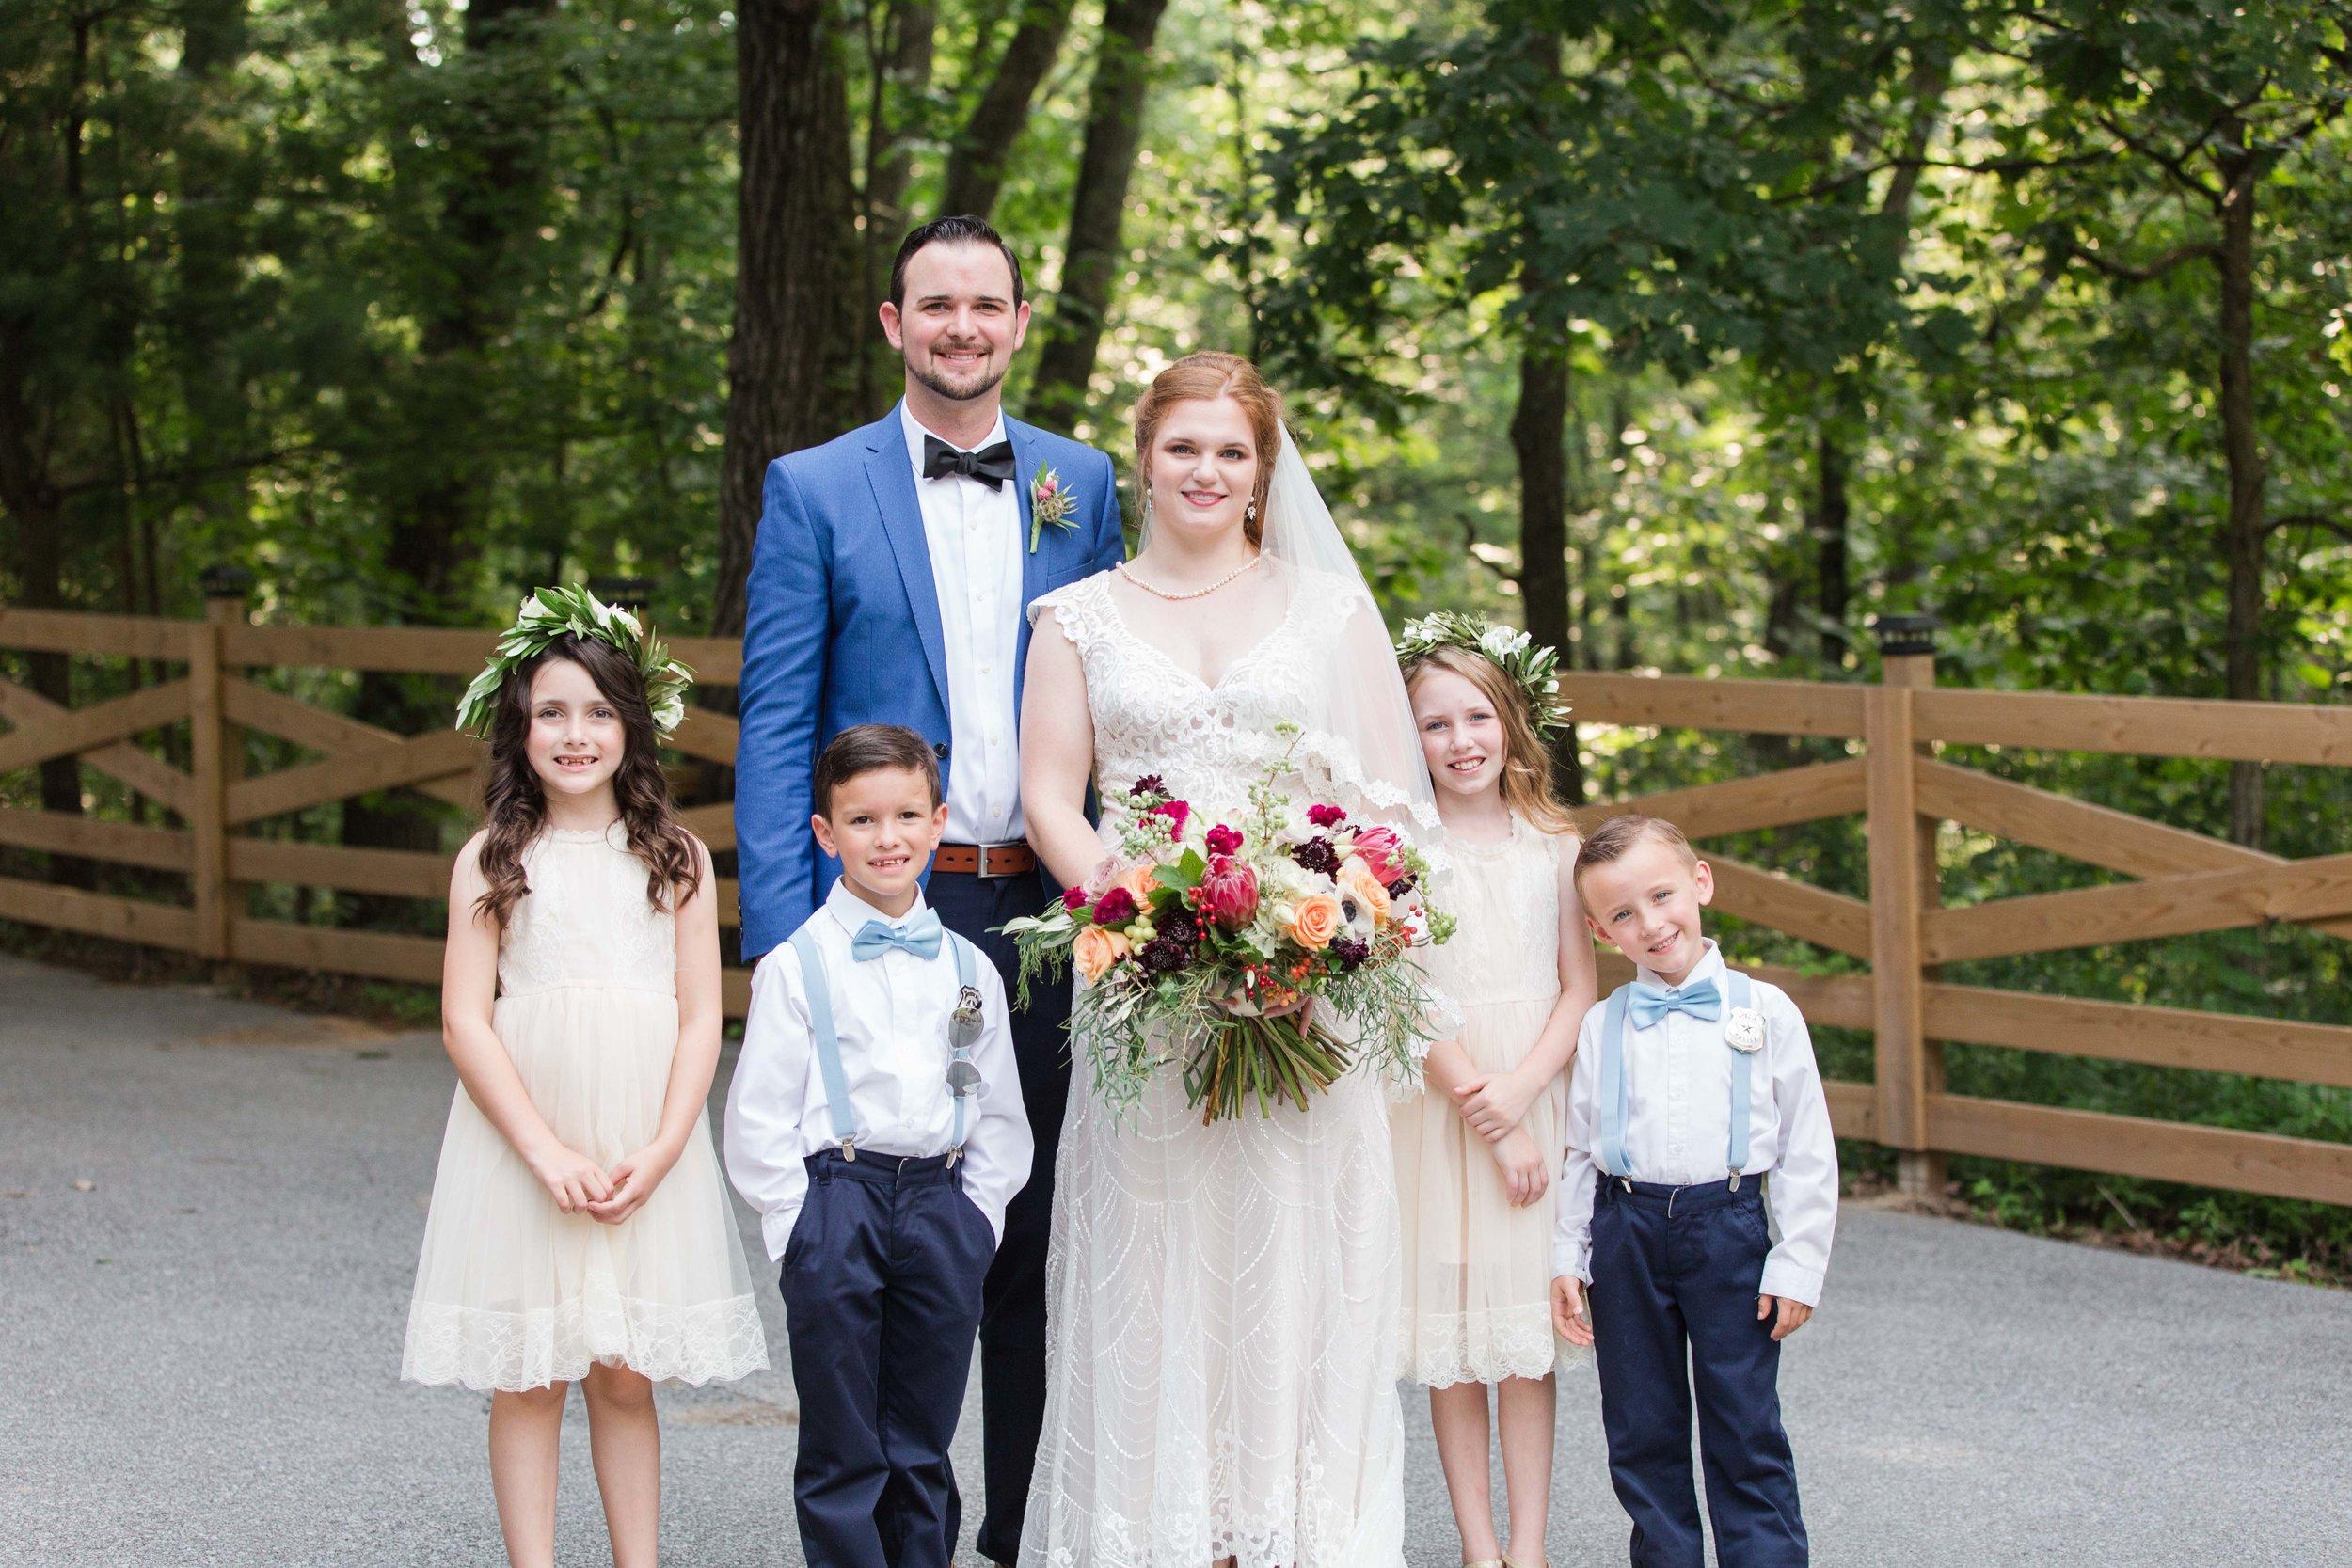 hagerstown_MD_wedding_photographer-2.jpg